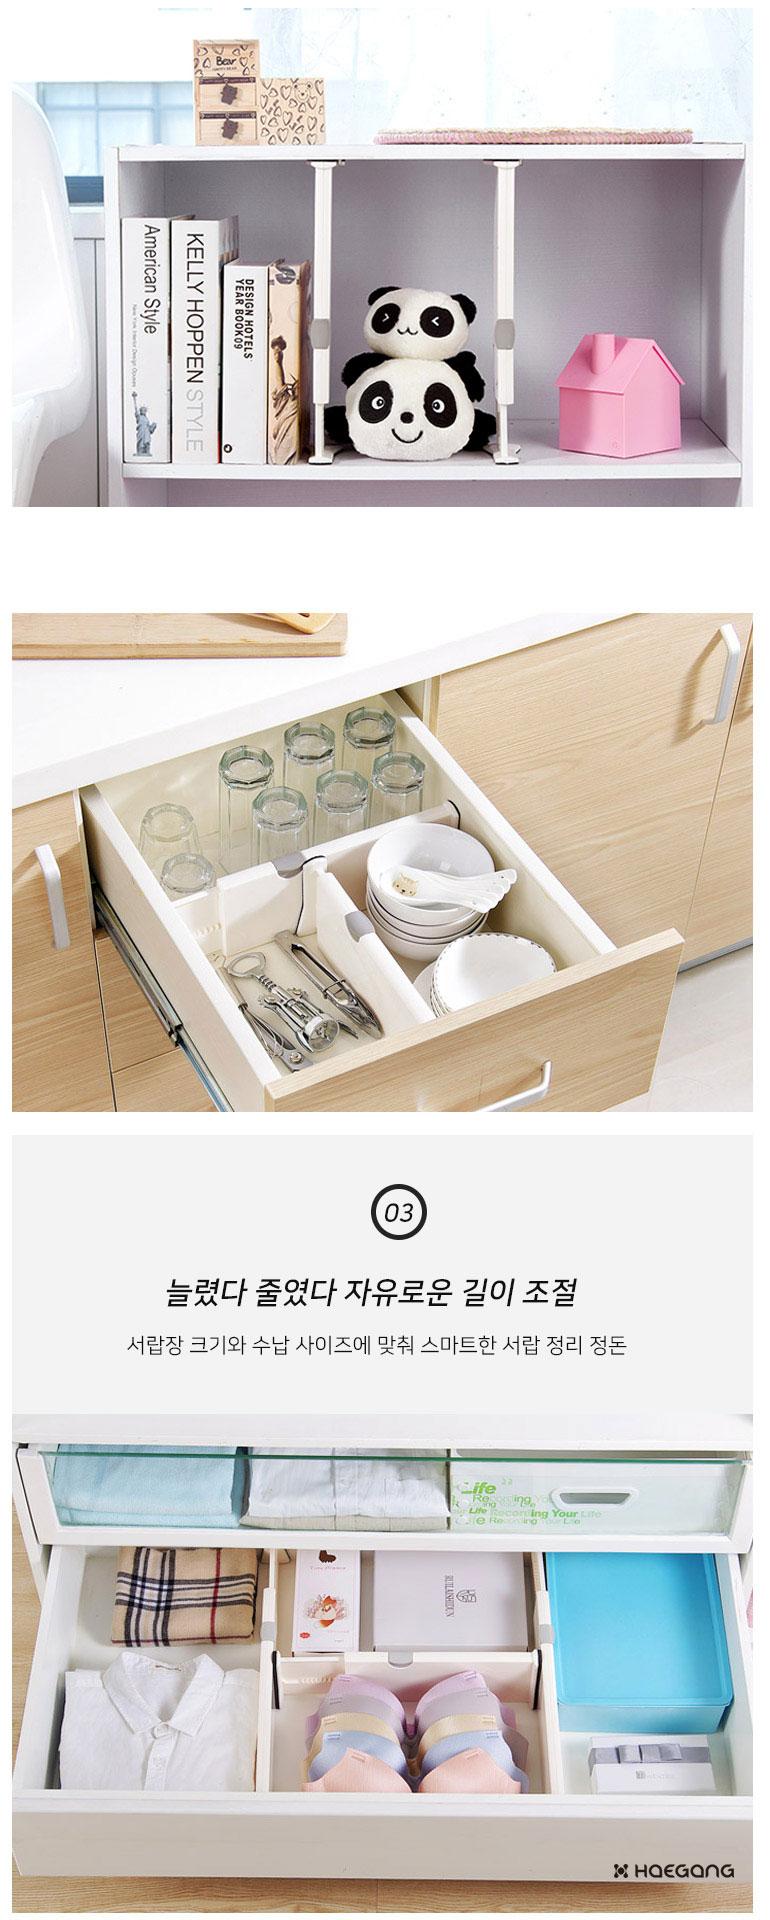 길이조절 서랍 칸막이 - 세일덕, 6,800원, 서랍장, 서랍 정리/칸막이